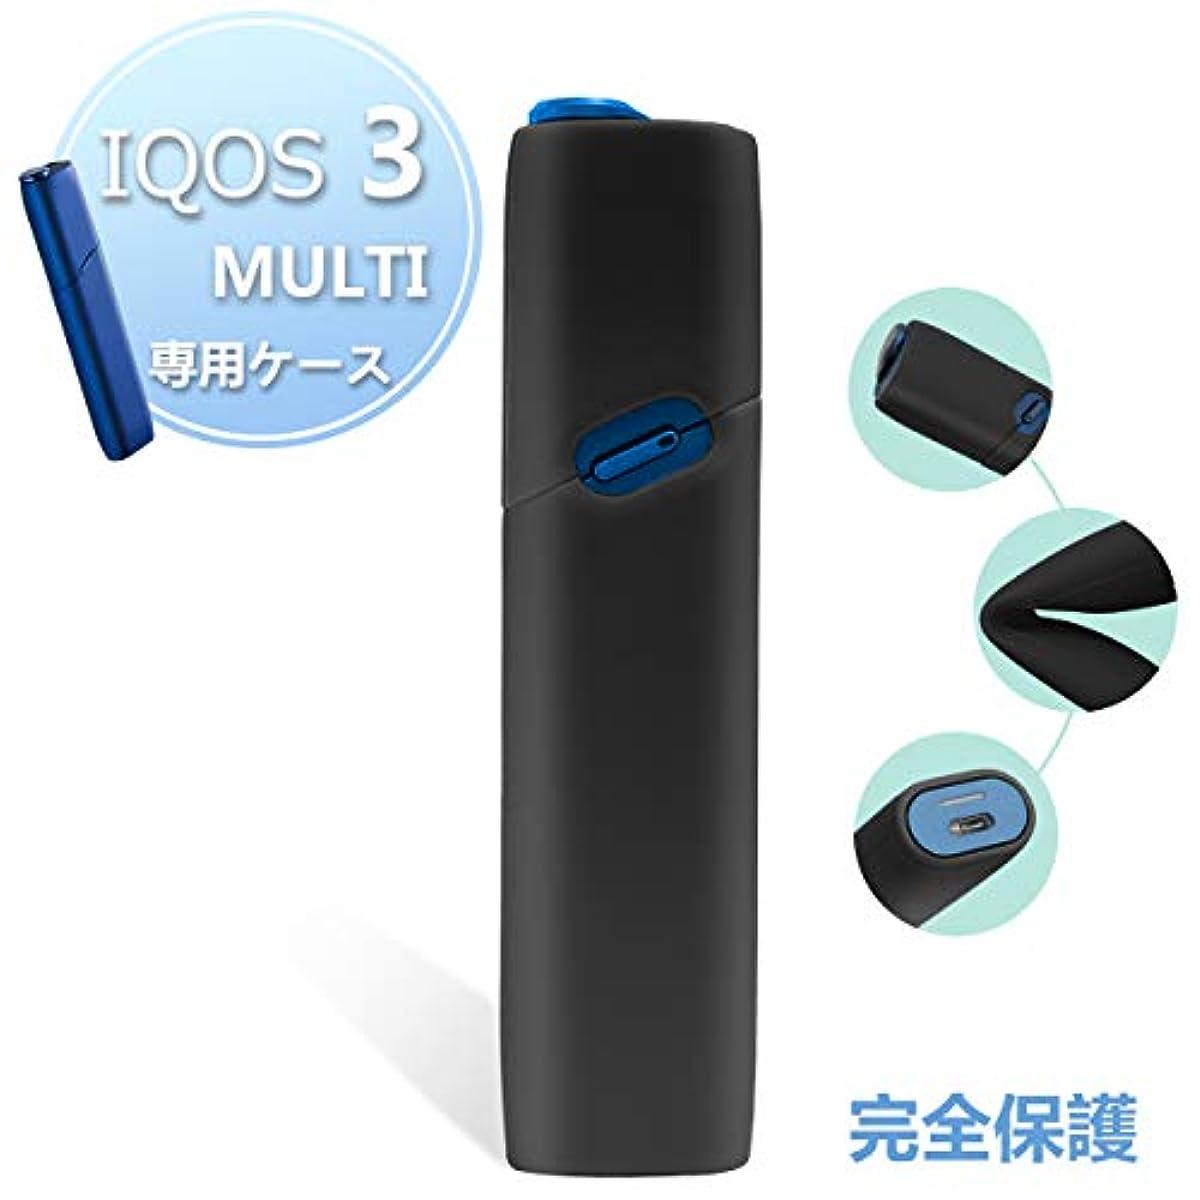 [해외] IQOS 3.0 아이고스 케이스 신형 IQOS3 MULTI 대응 케이스 실리콘 커버 완전 보호 얇 경량 최신형 BLACK